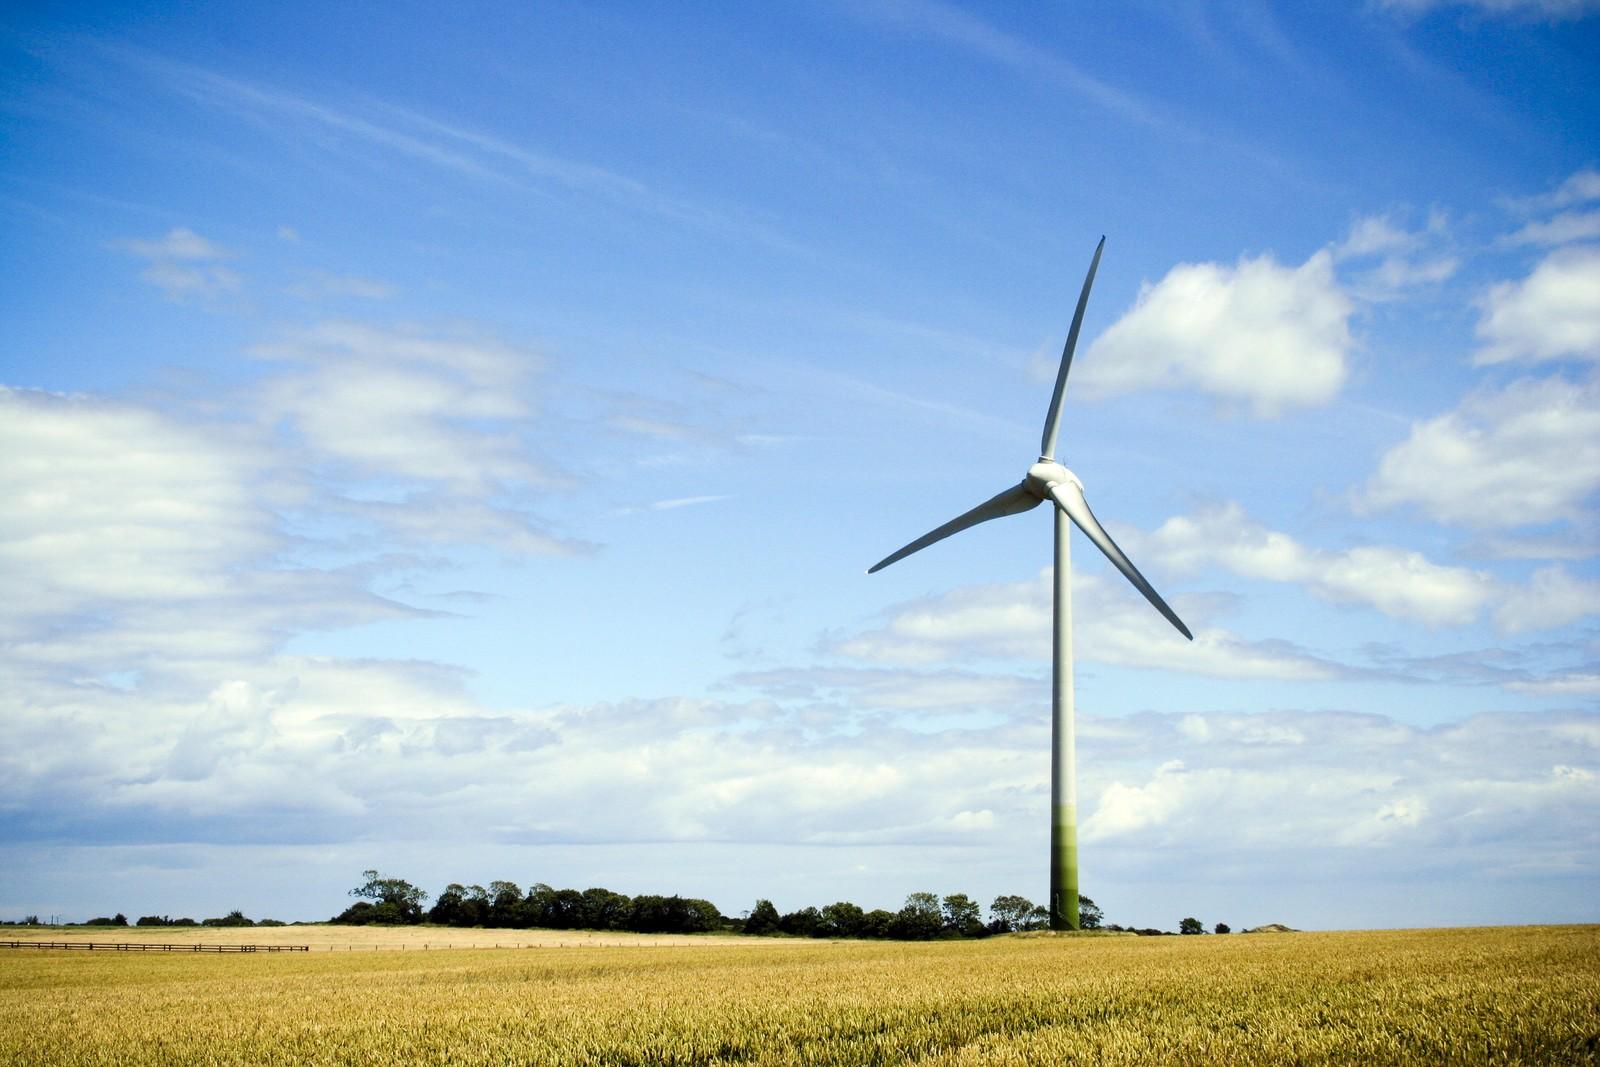 Регион Австрии полностью перешел на возобновляемую энергию